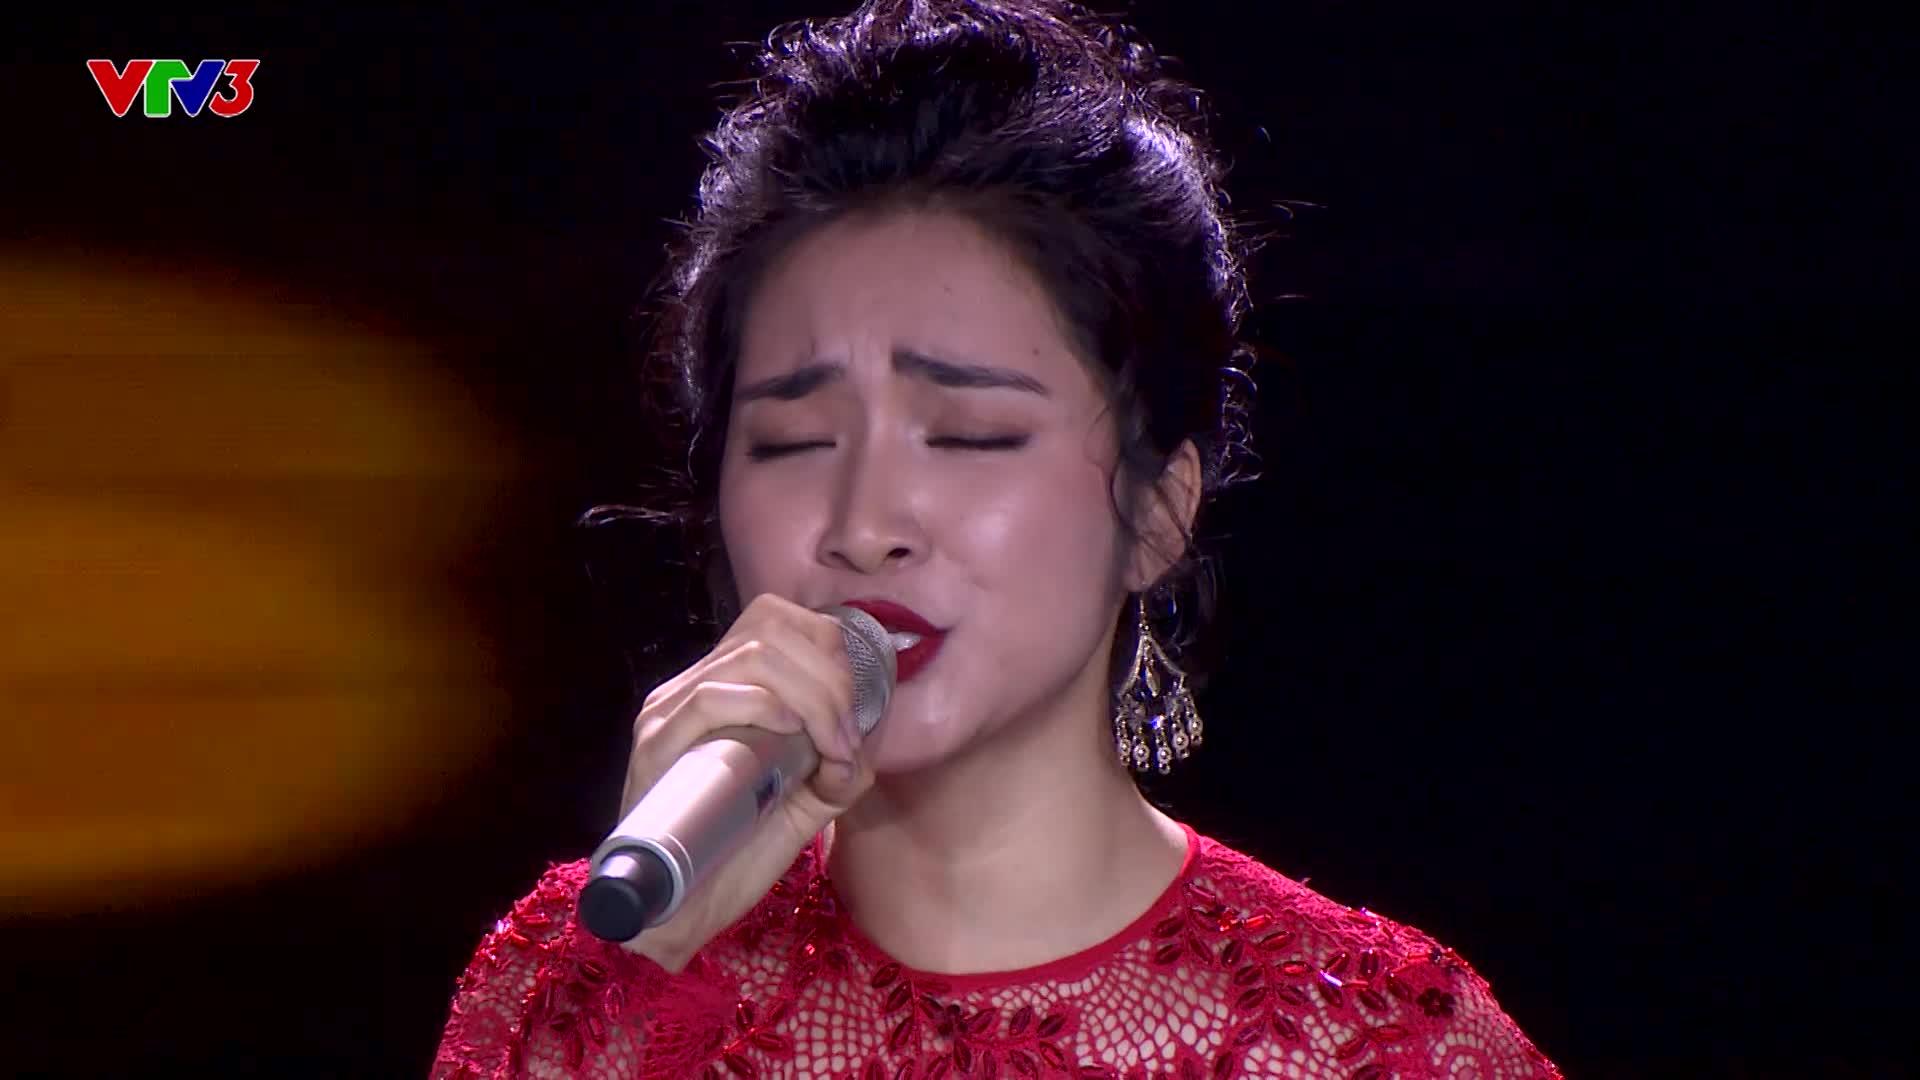 Ngay đêm thi đầu tiên của Cặp đôi hoàn hảo, Hòa Minzy đã mở liveshow kỷ niệm 10 năm hát Bolero